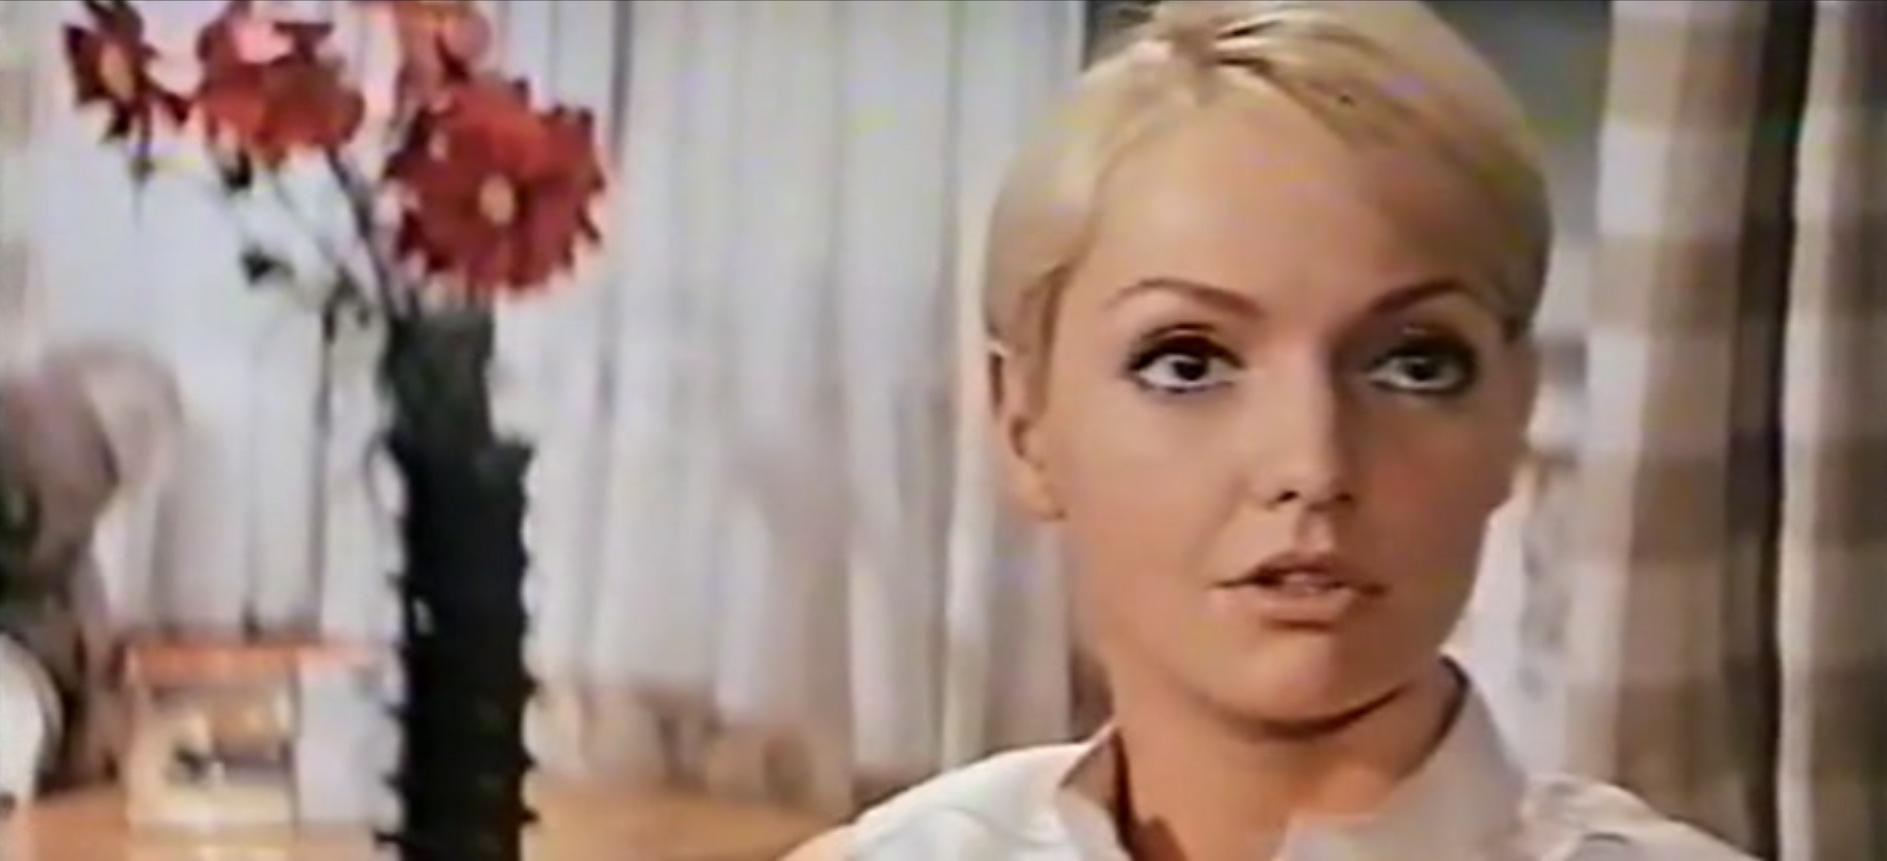 Regina Beyer | East German Cinema Blog